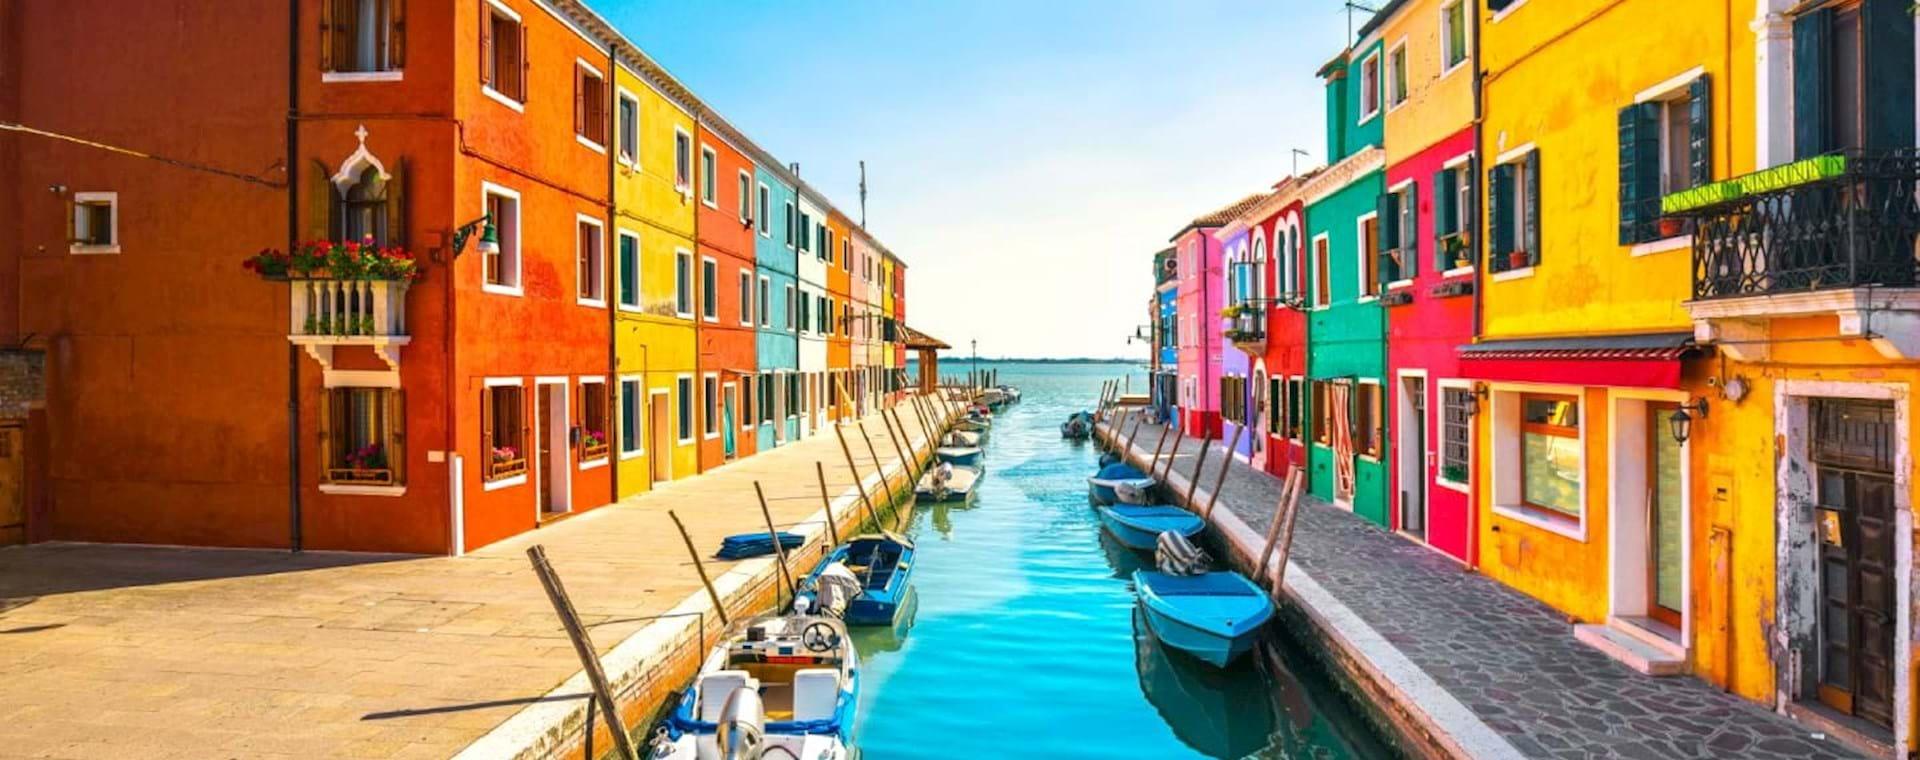 VIP Venetian Islands: Murano, Burano & Torcello by Private Boat